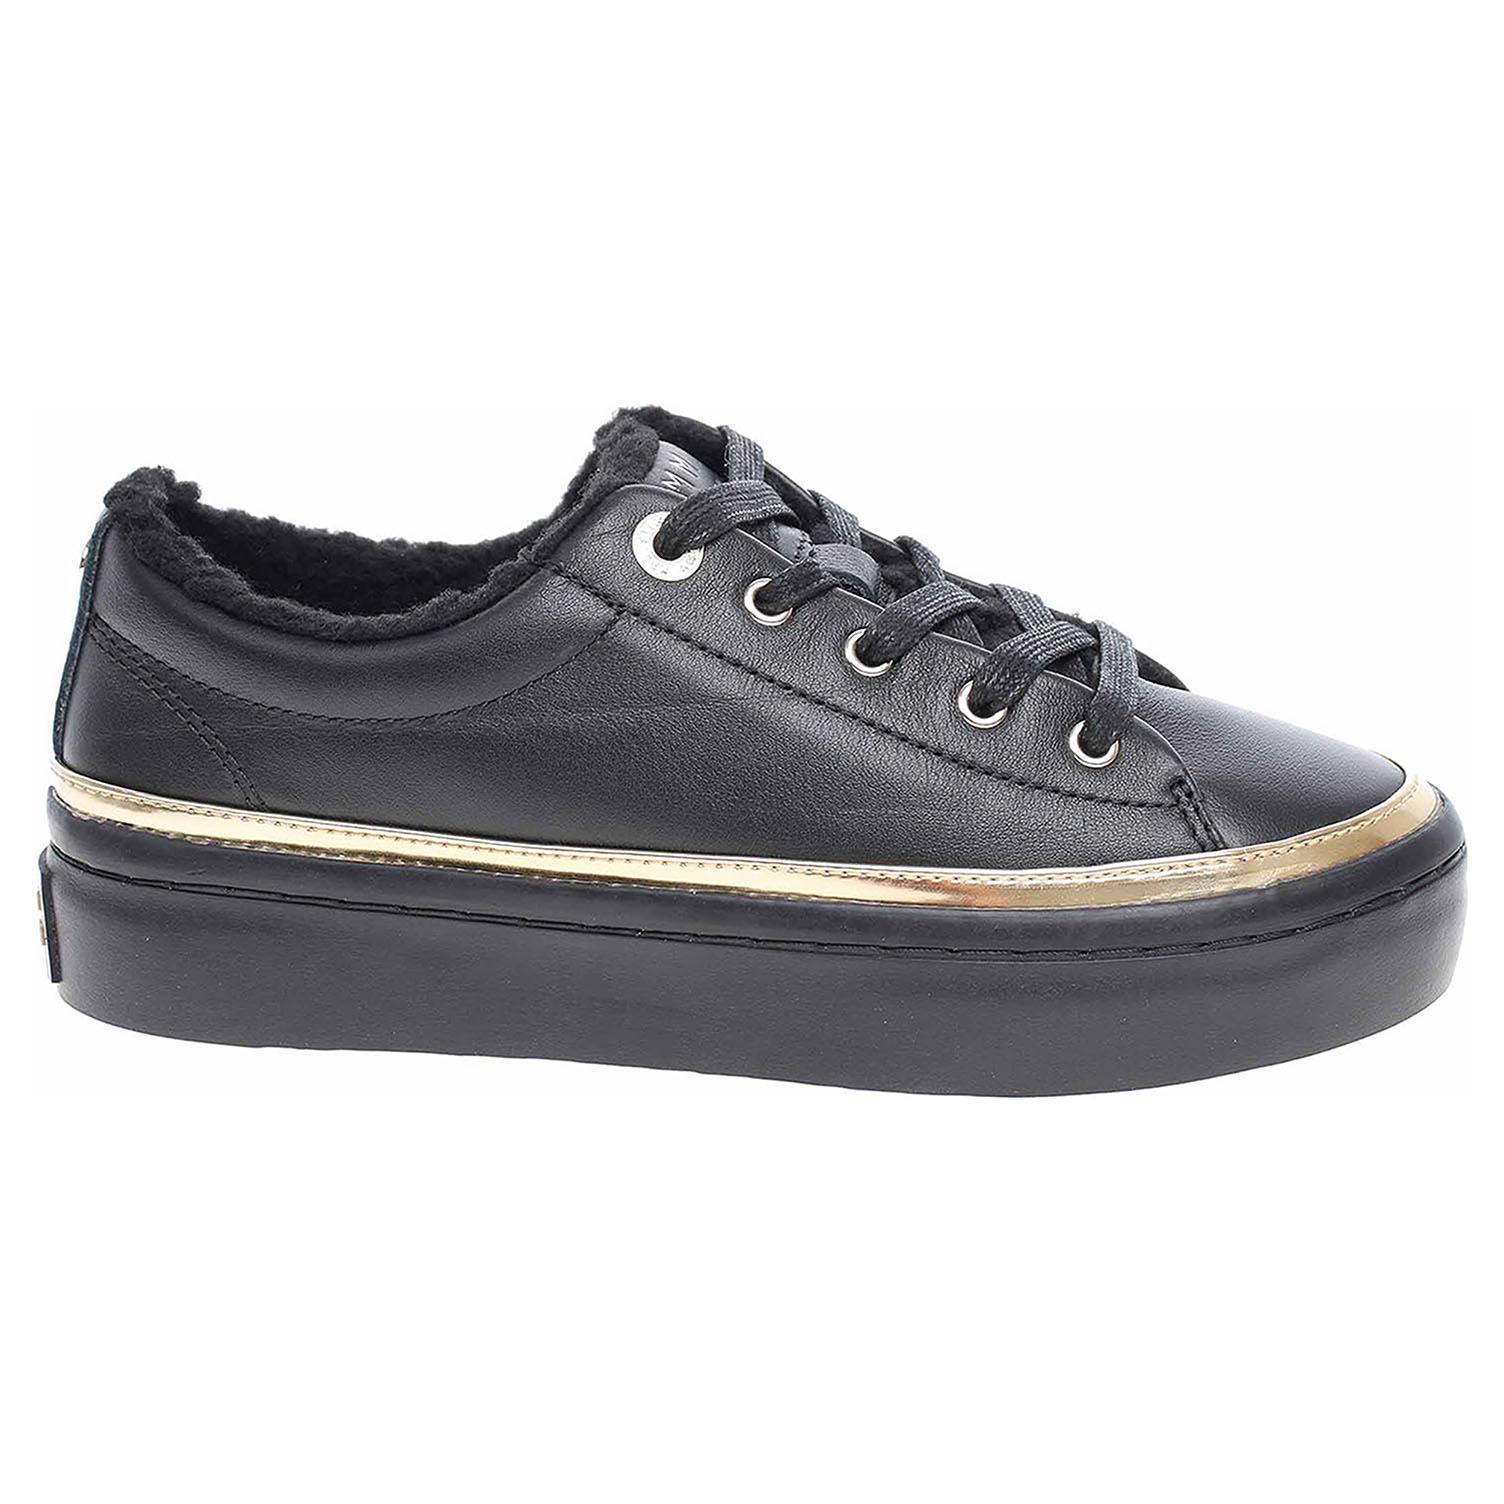 Dámská obuv Tommy Hilfiger FW0FW04538 BDS black FW0FW04538 BDS 39